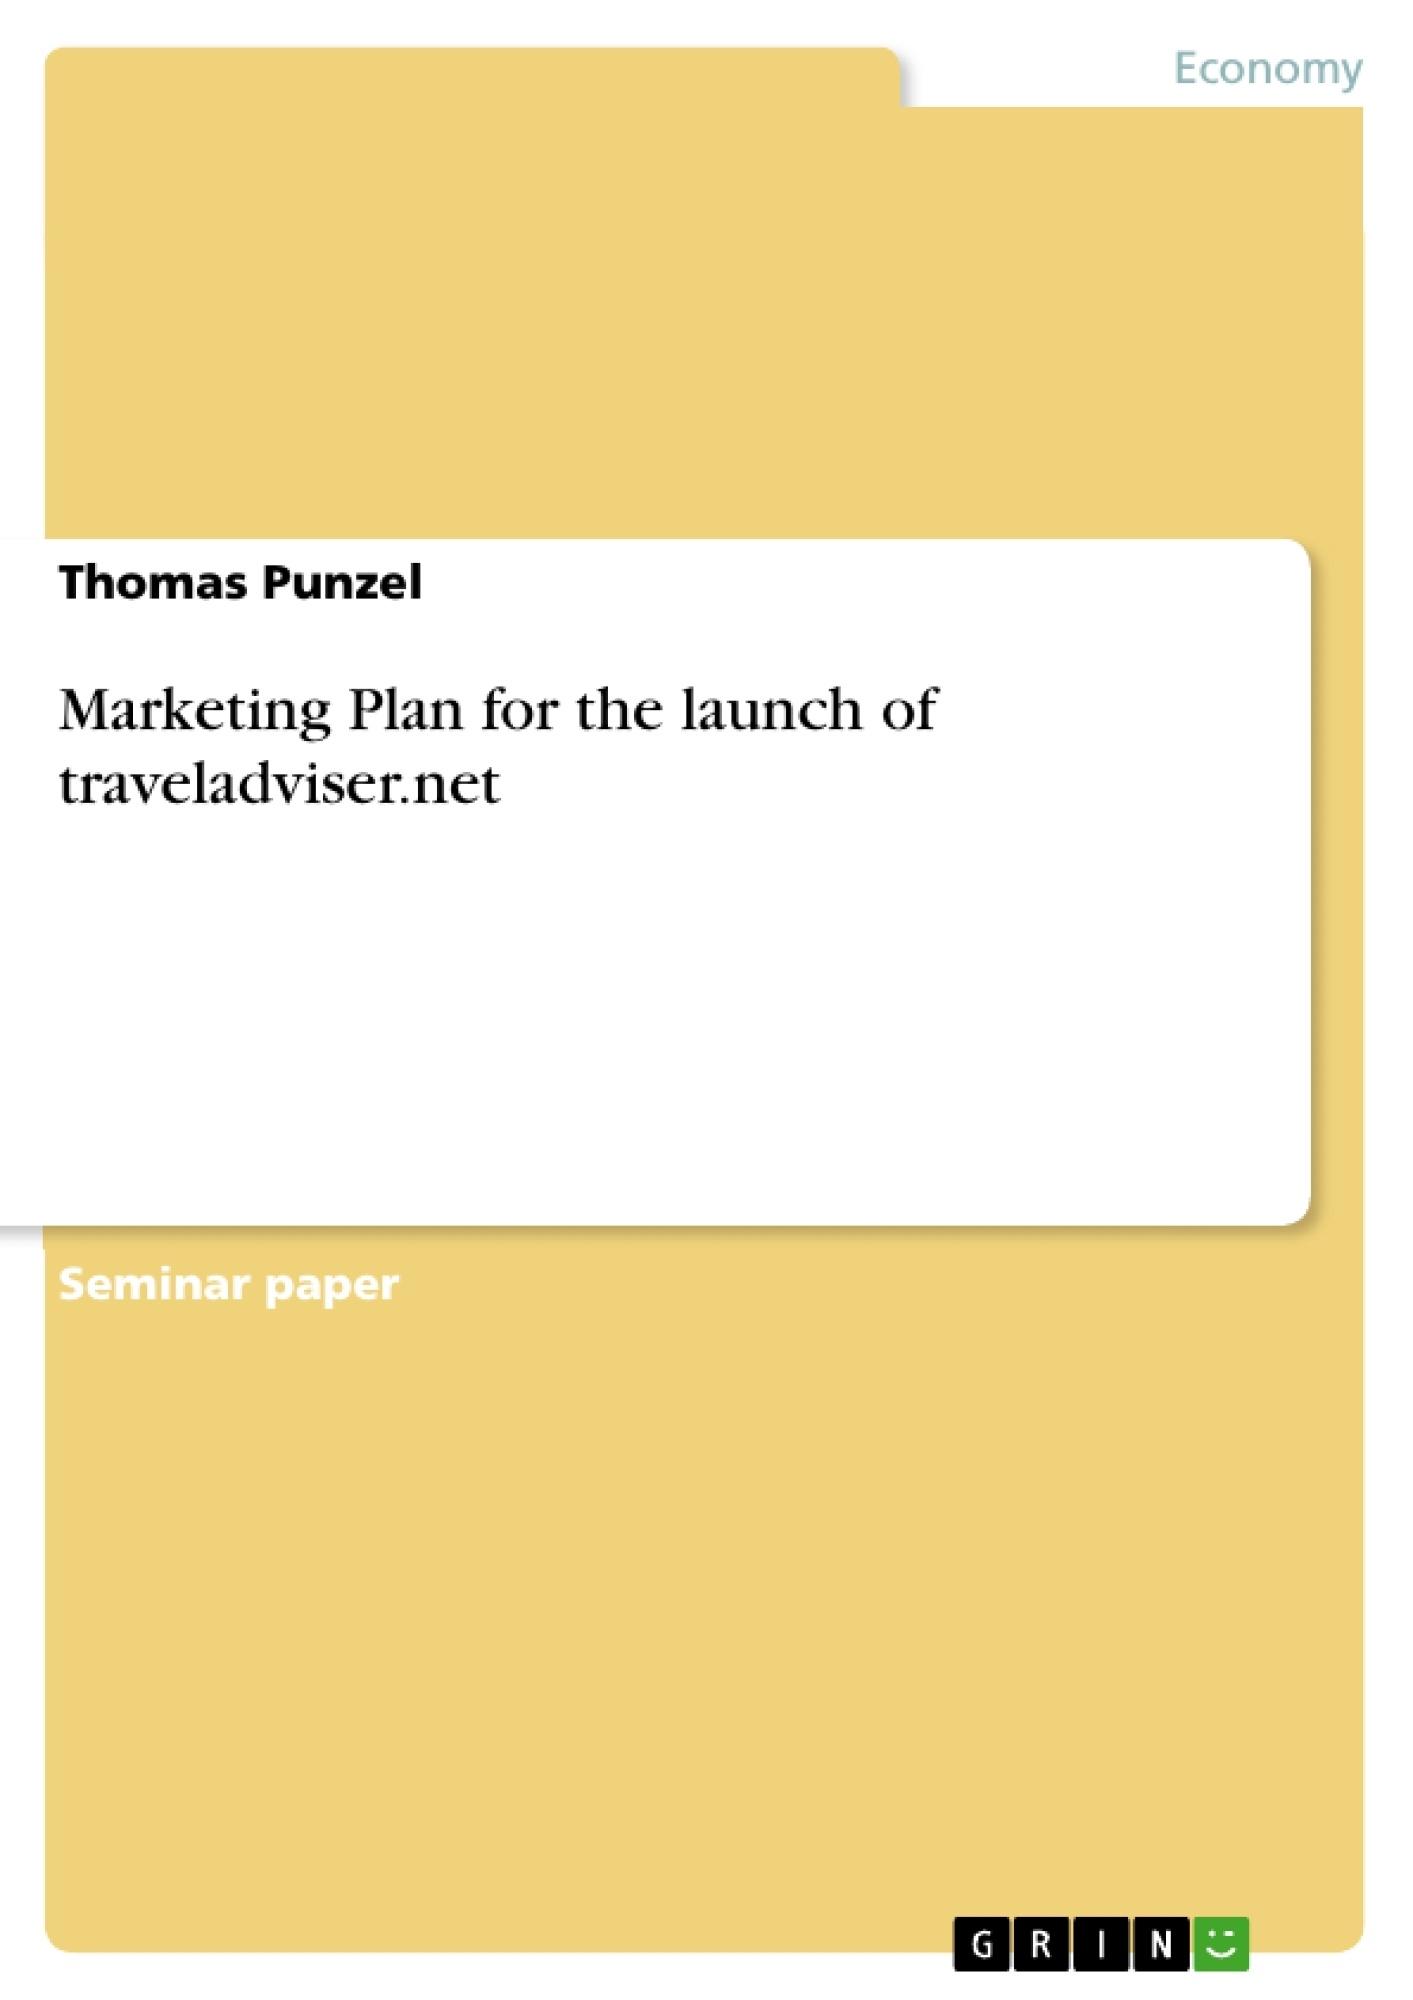 Title: Marketing Plan for the launch of traveladviser.net